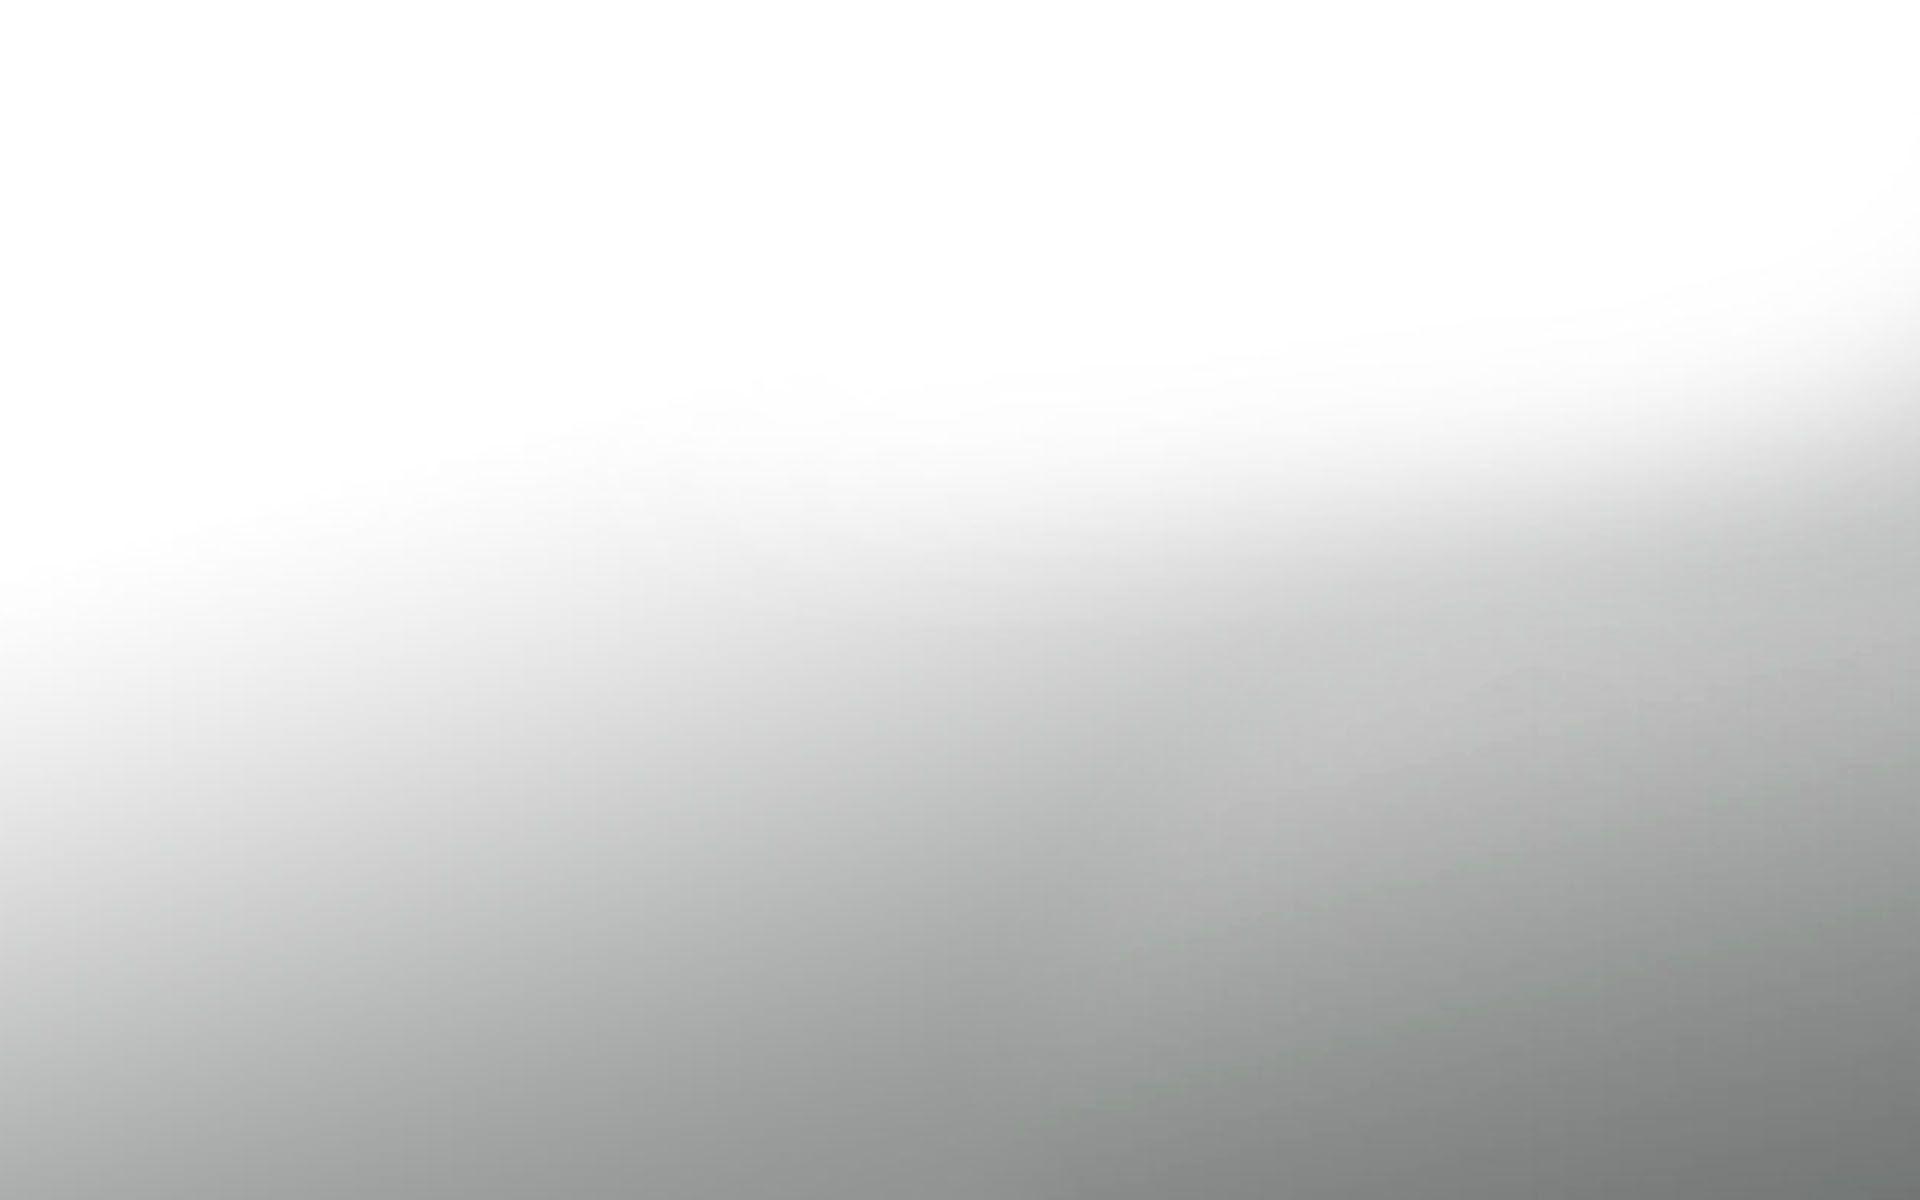 White Gradient Background wallpaper 49482 gradient